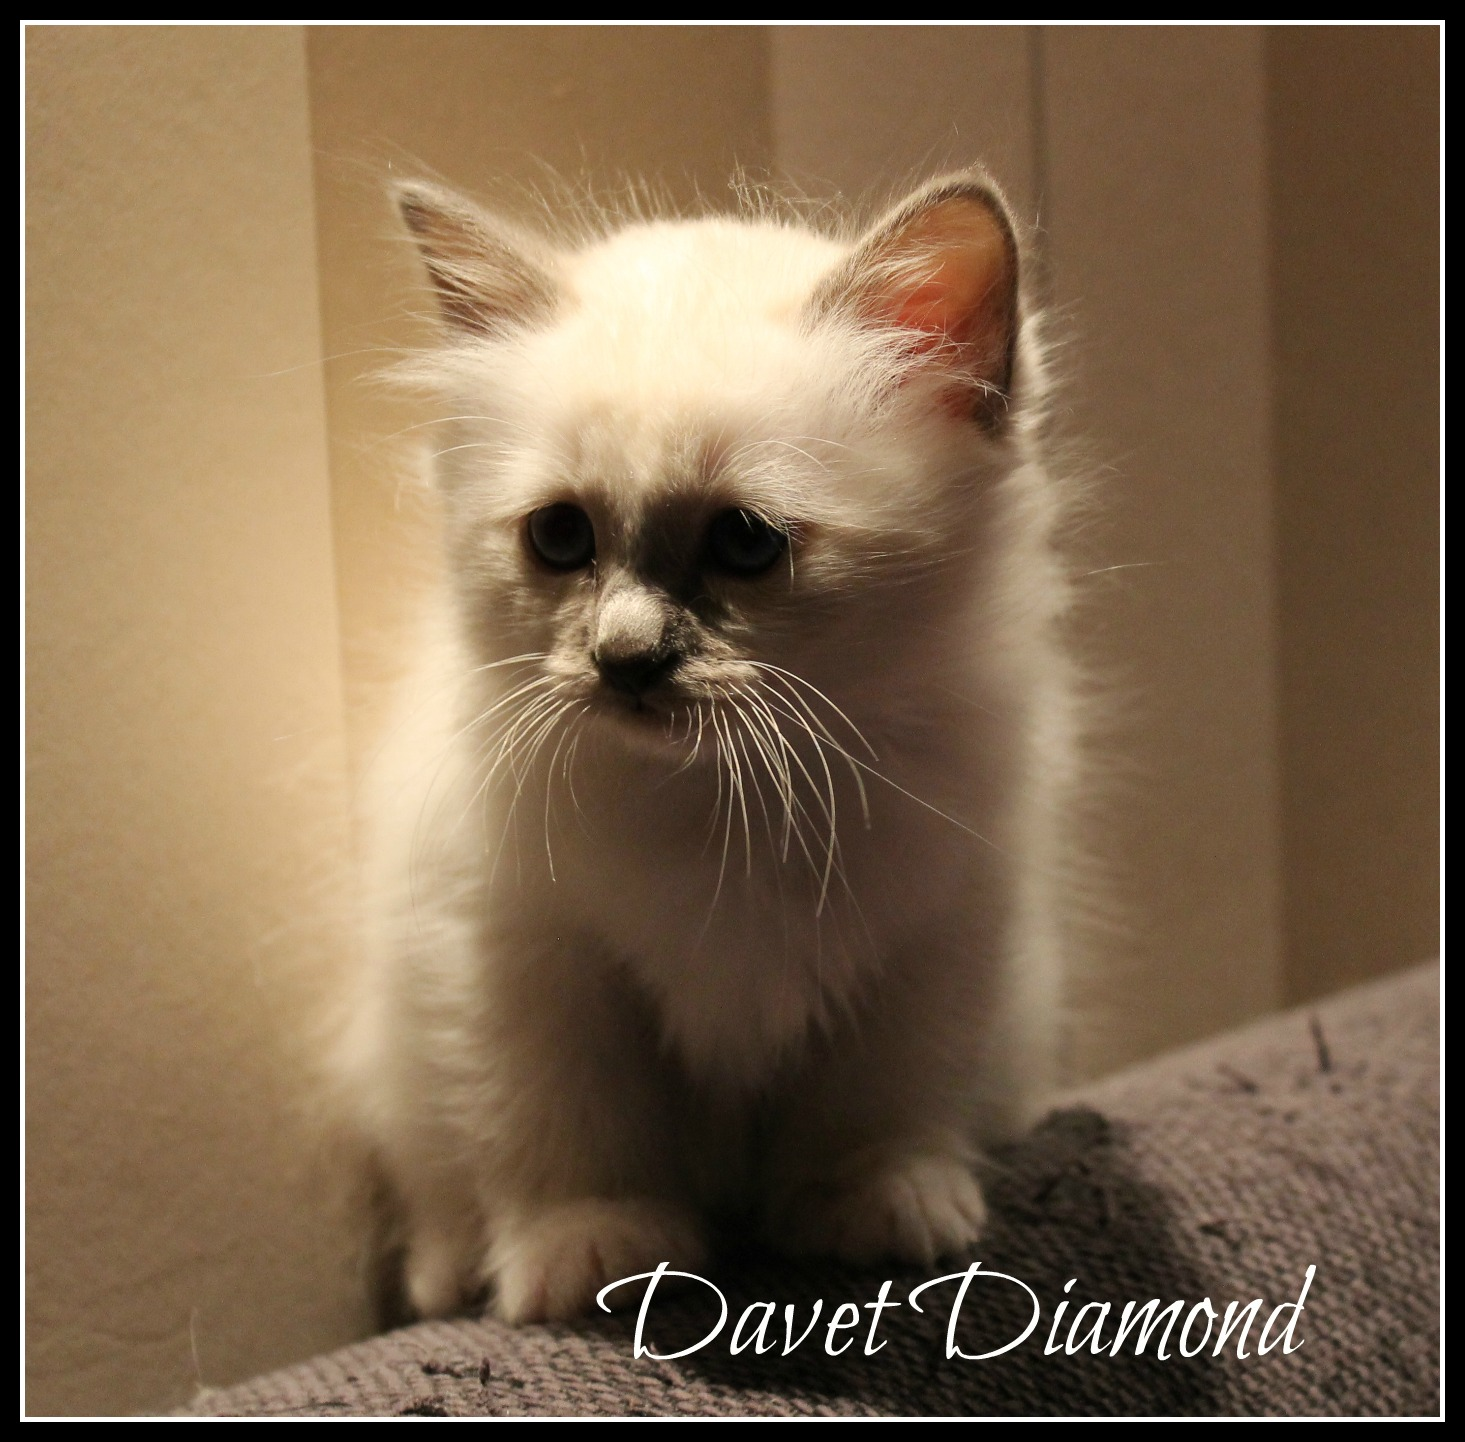 davet2